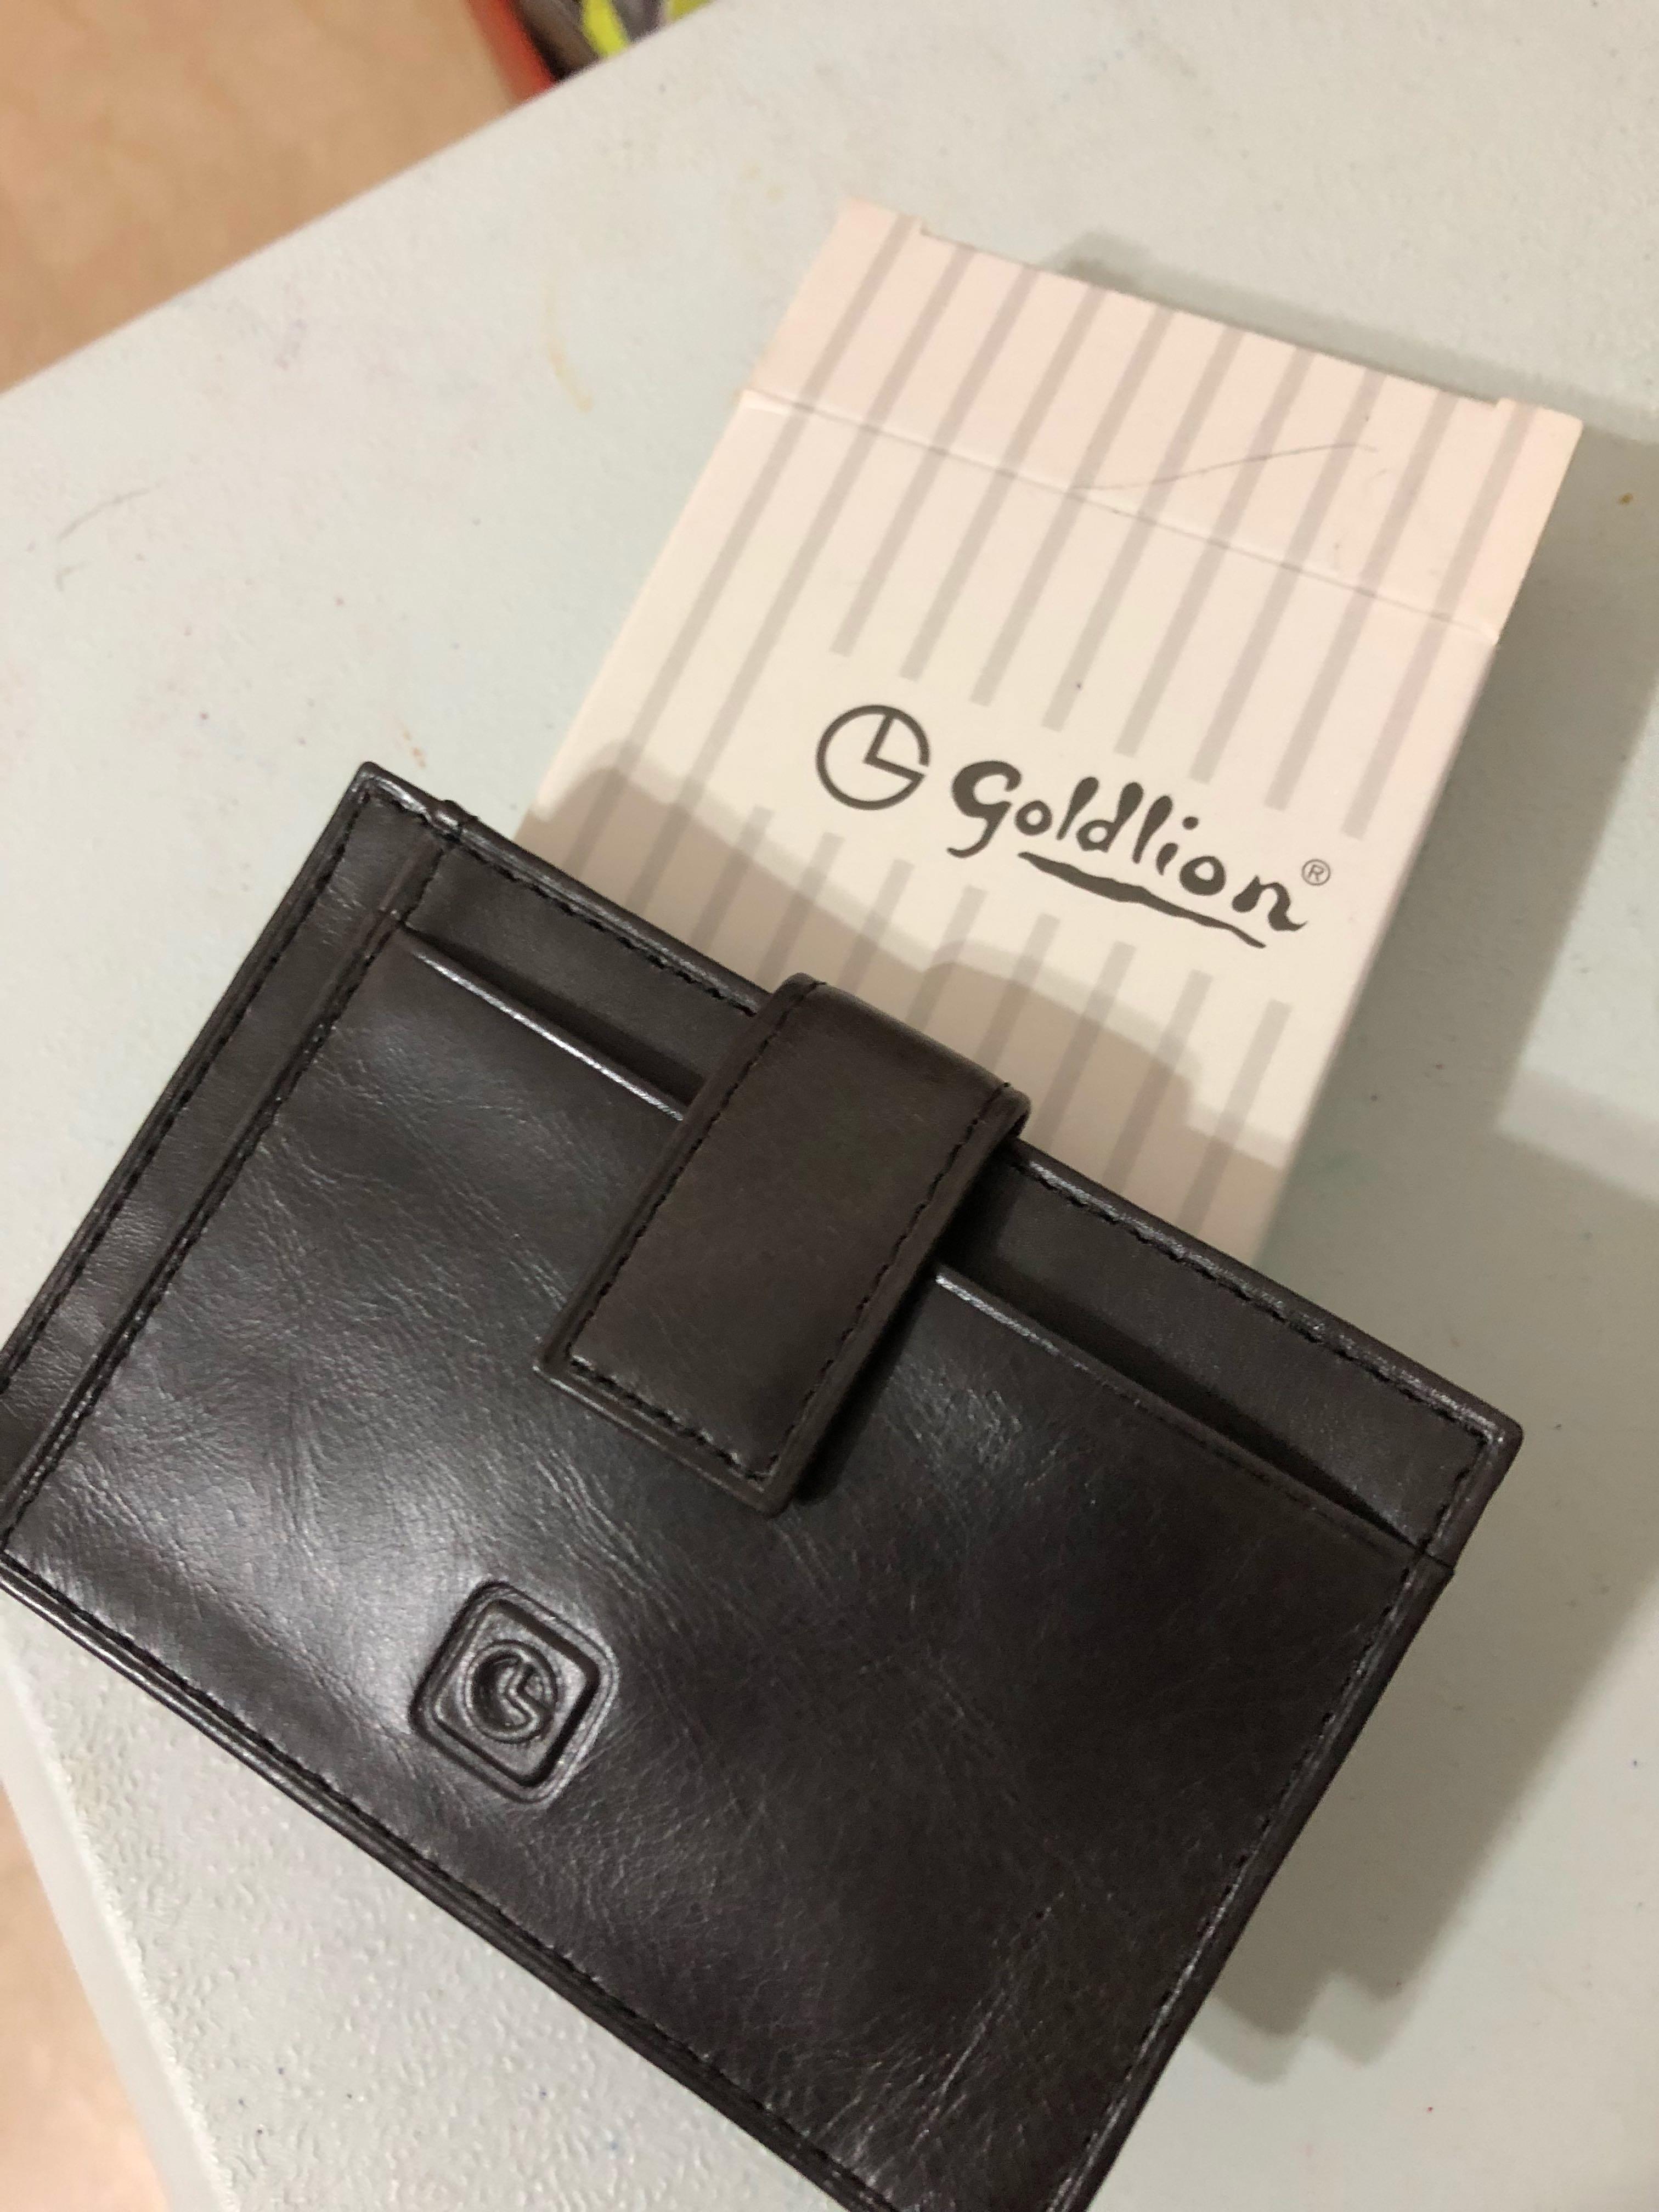 ef46ee81ca41c4 Goldlion leather card holder, Men's Fashion, Bags & Wallets, Wallets ...